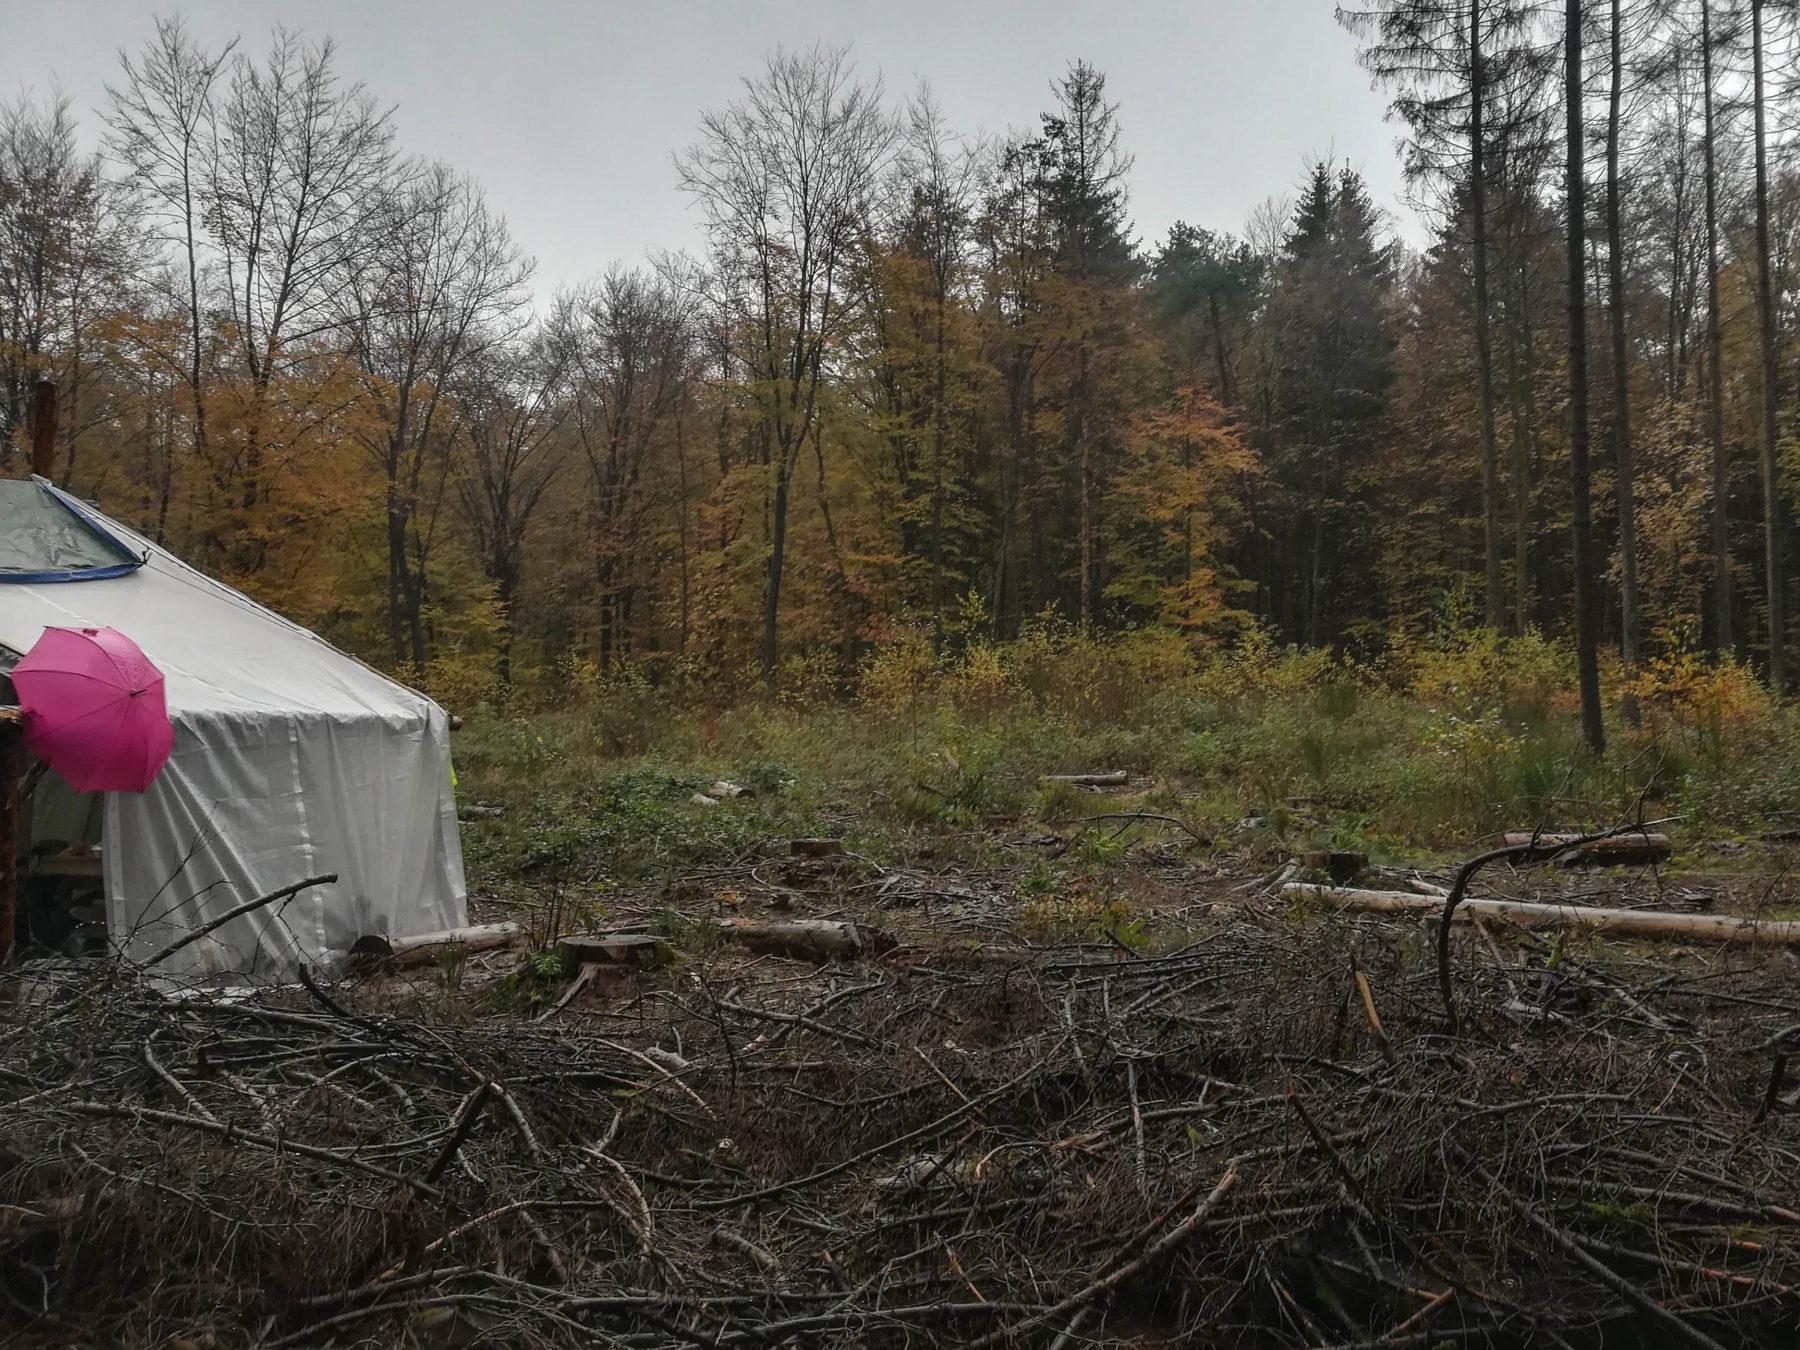 Tente blanche au milieu de la nature sous la grisaille du mois de novembre